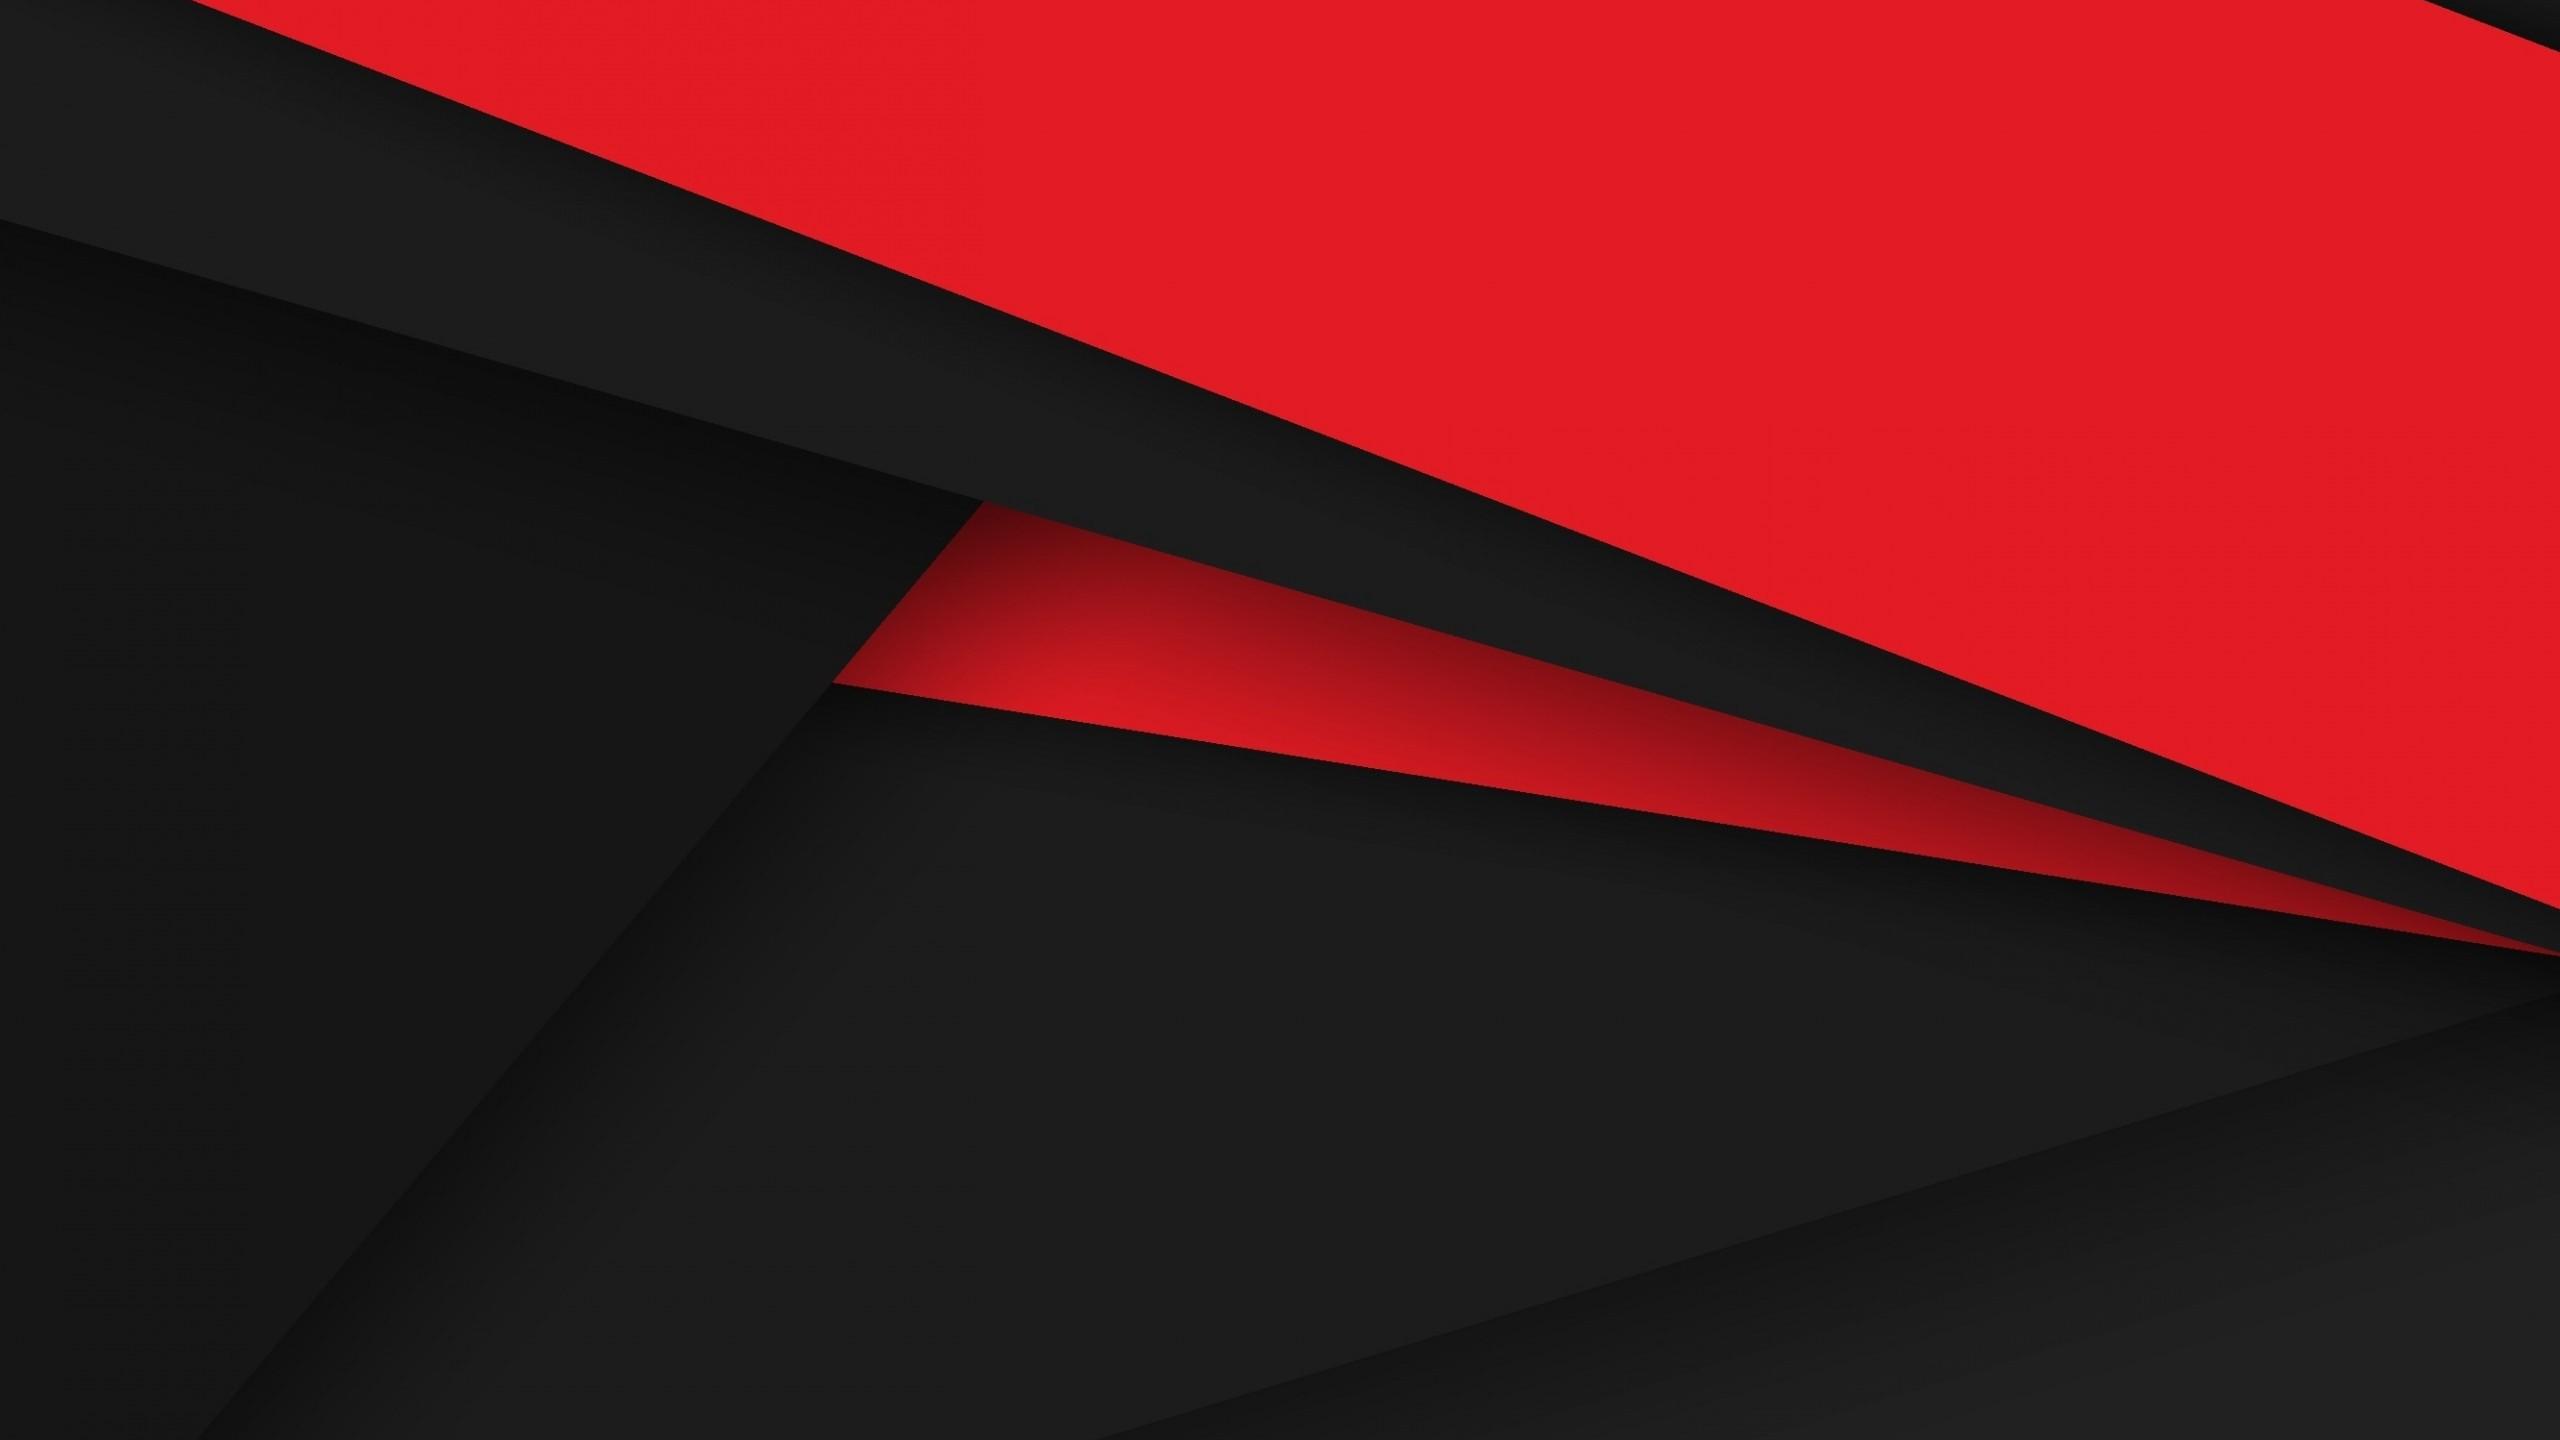 Fondo de pantalla Rojo 3D